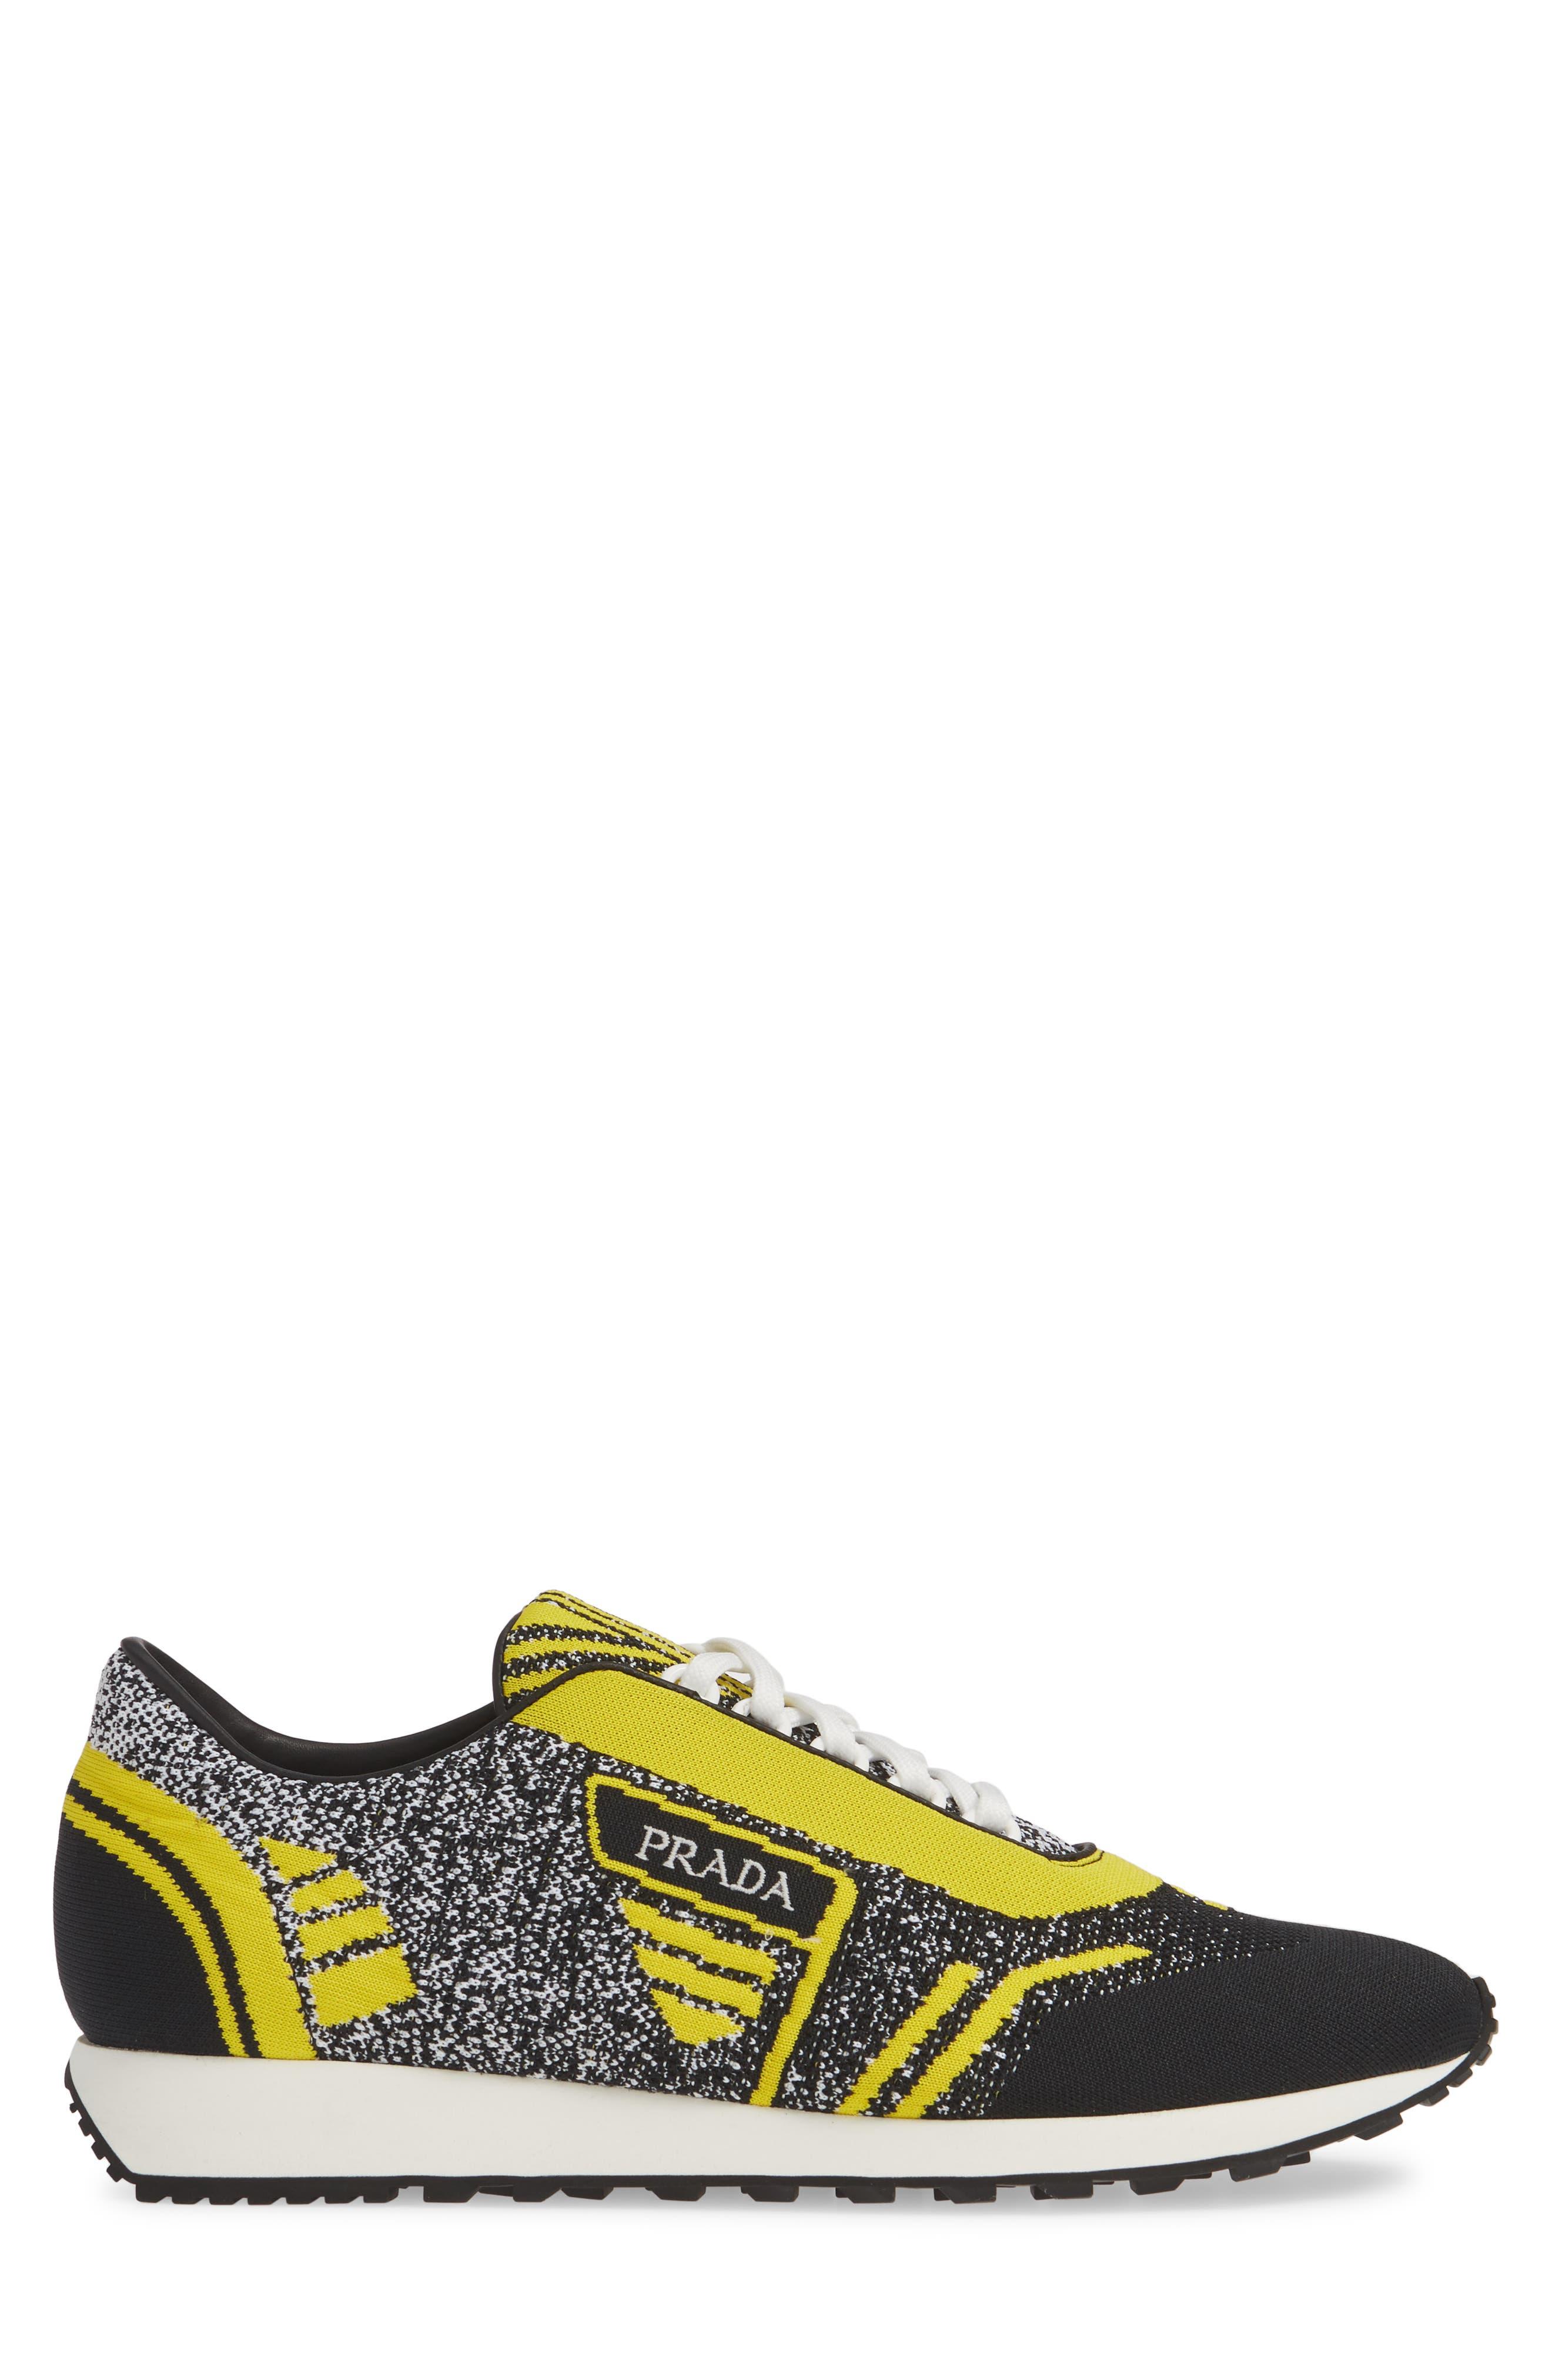 Retro Trainer Sneaker,                             Alternate thumbnail 3, color,                             NERO GIALLO